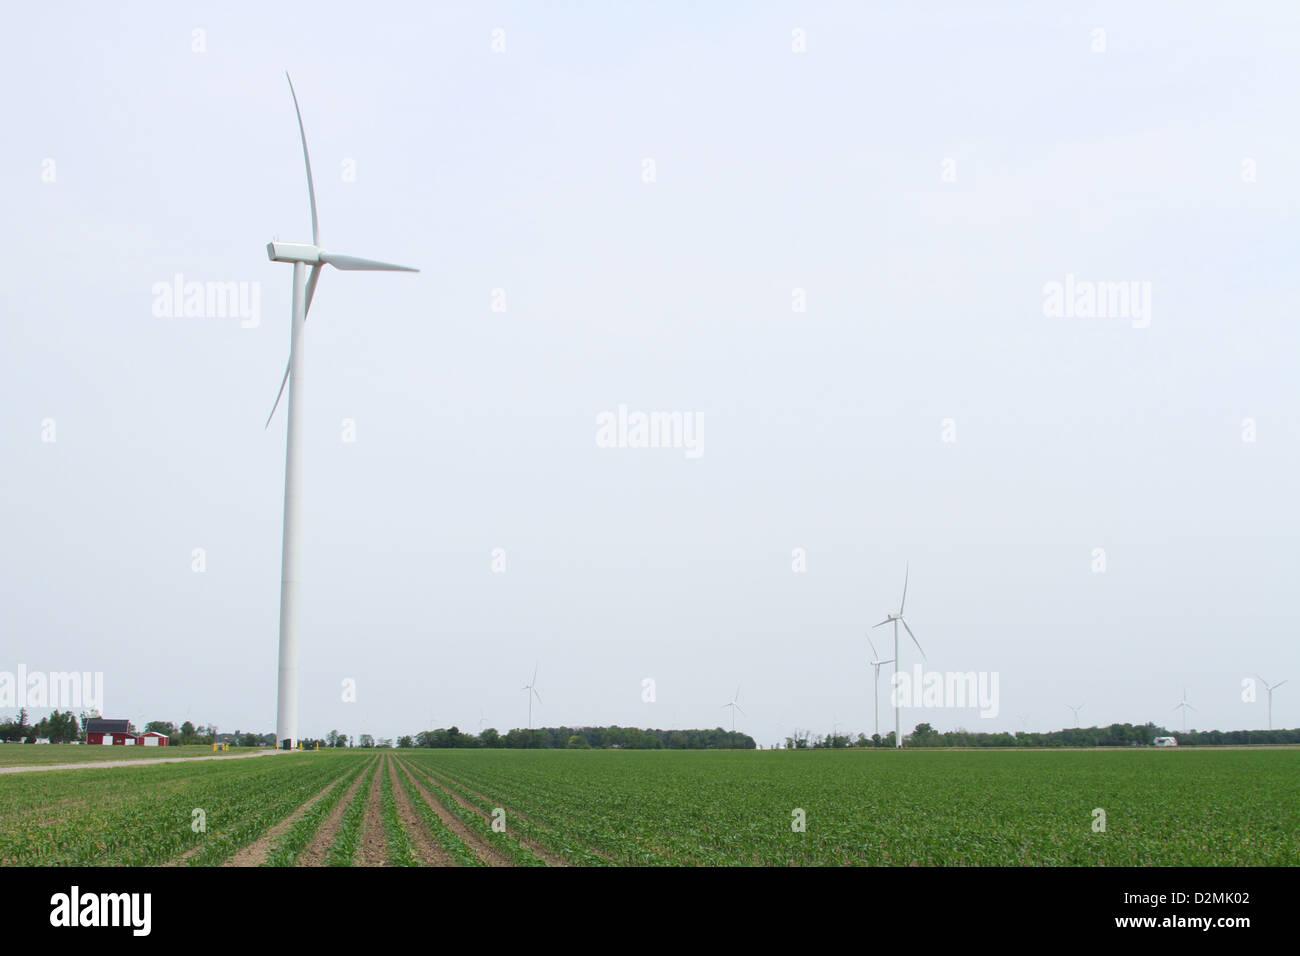 Windmühle für die Erzeugung elektrischer Energie. In der Nähe von Van Wert, Ohio, USA. Eine Windmühle Stockbild